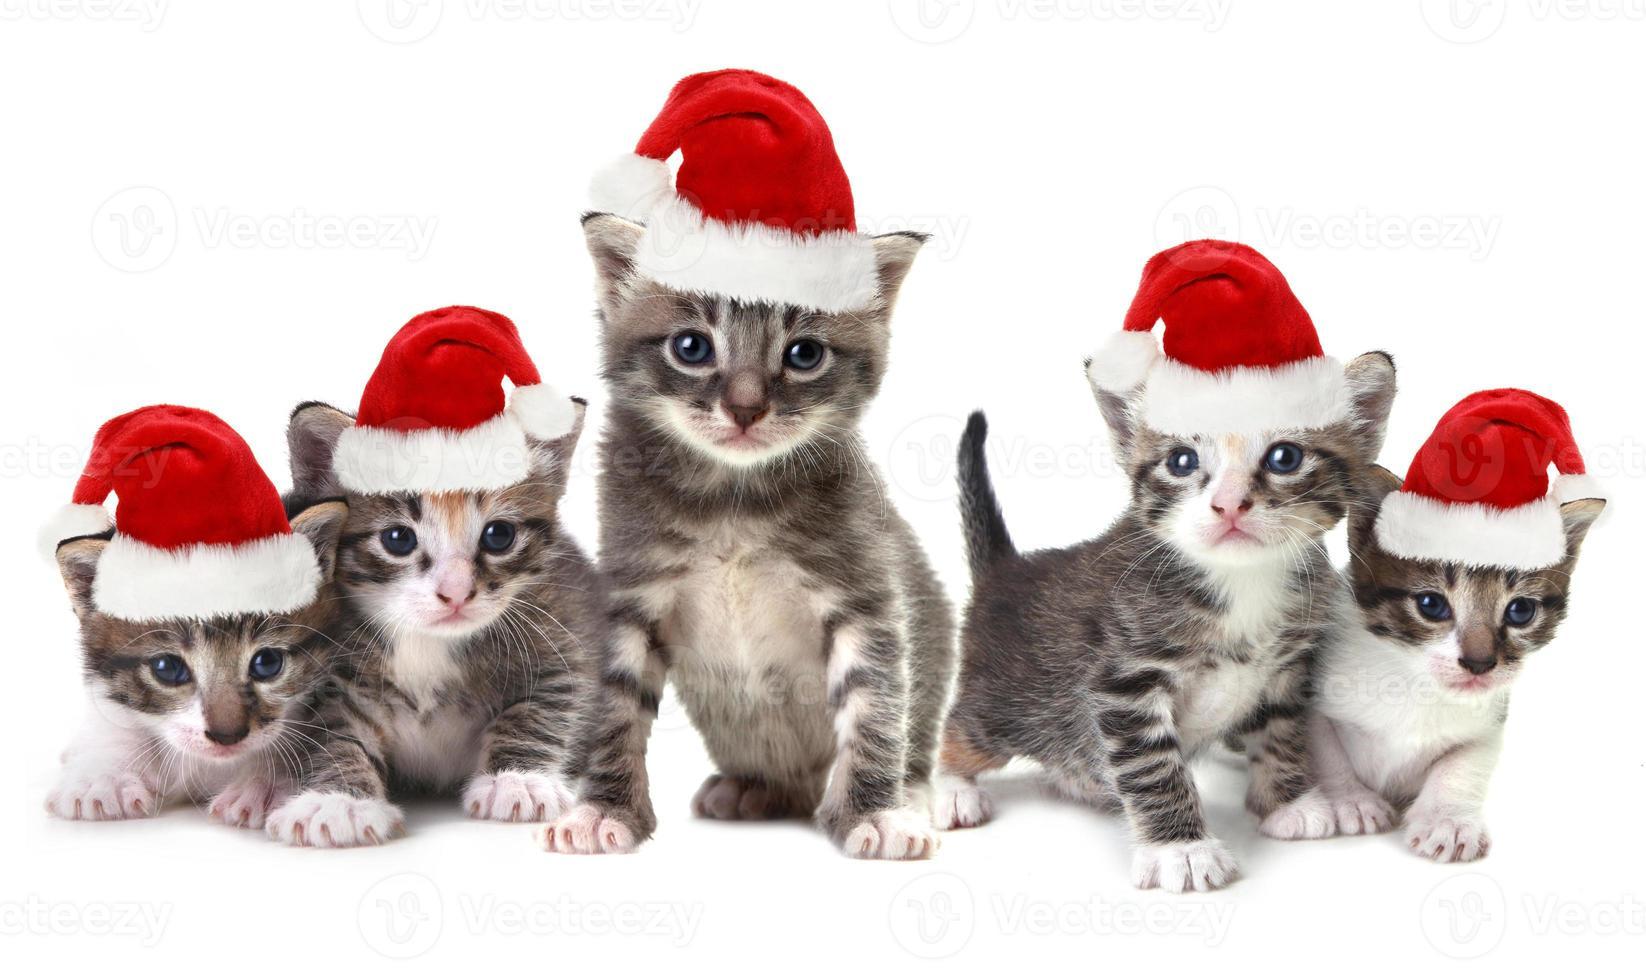 gattini di natale che indossano un cappello rosso su bianco foto